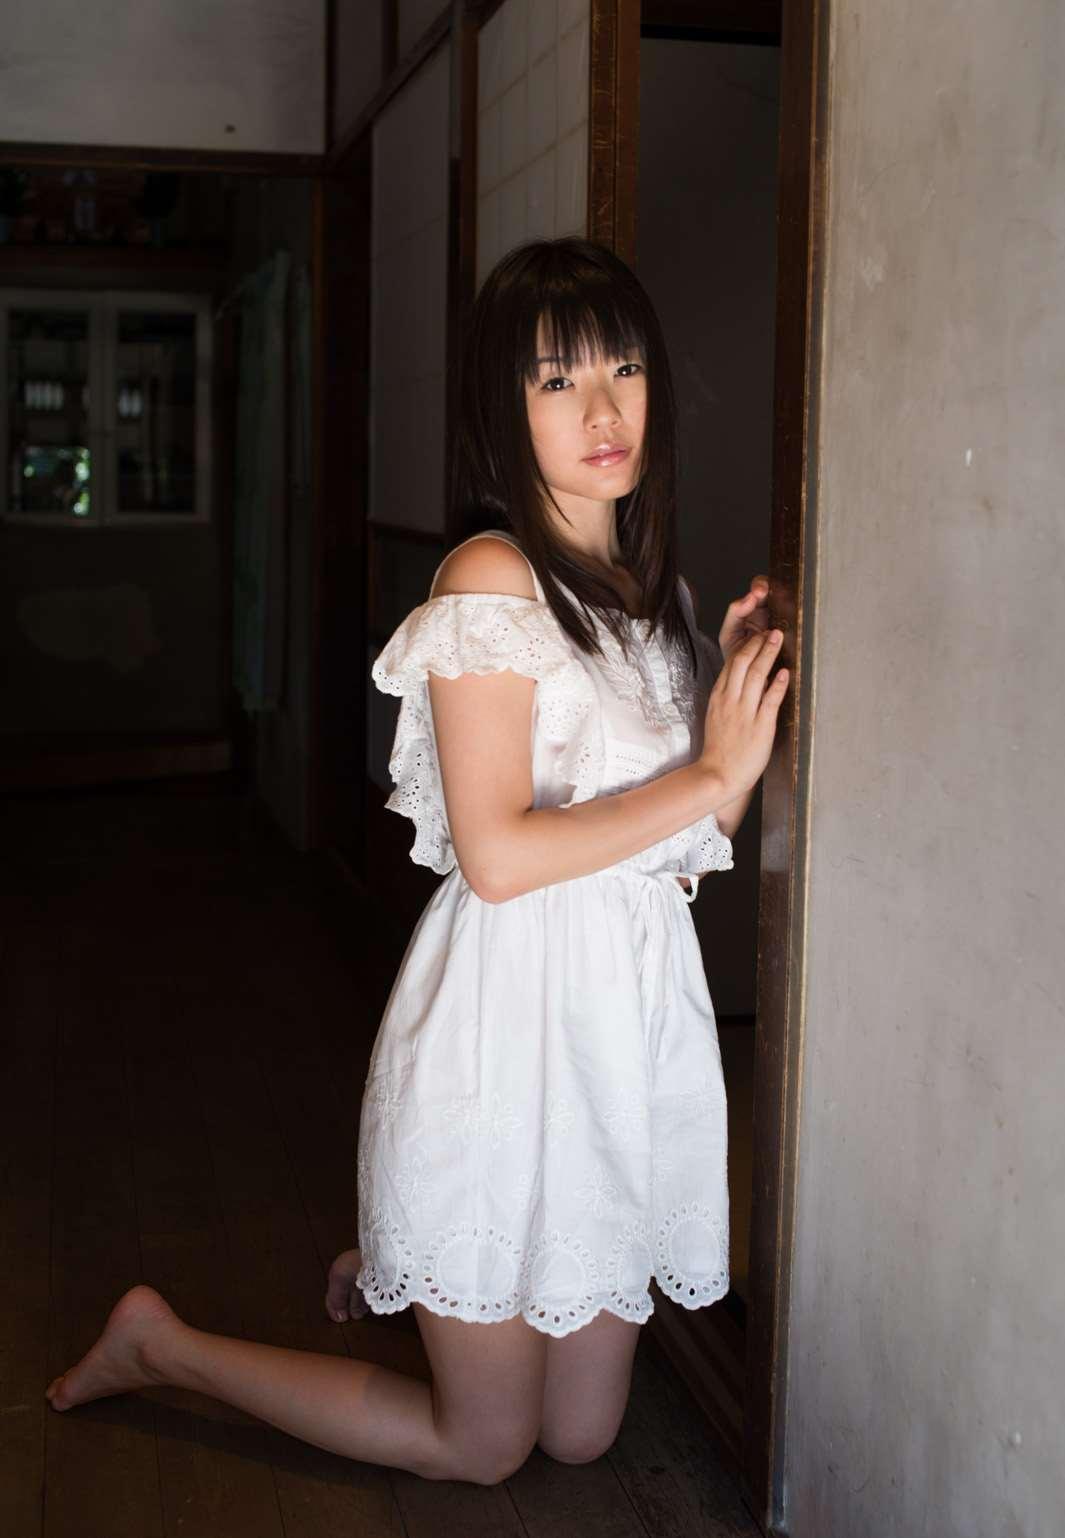 つぼみ (AV女優) ヌード画像 17